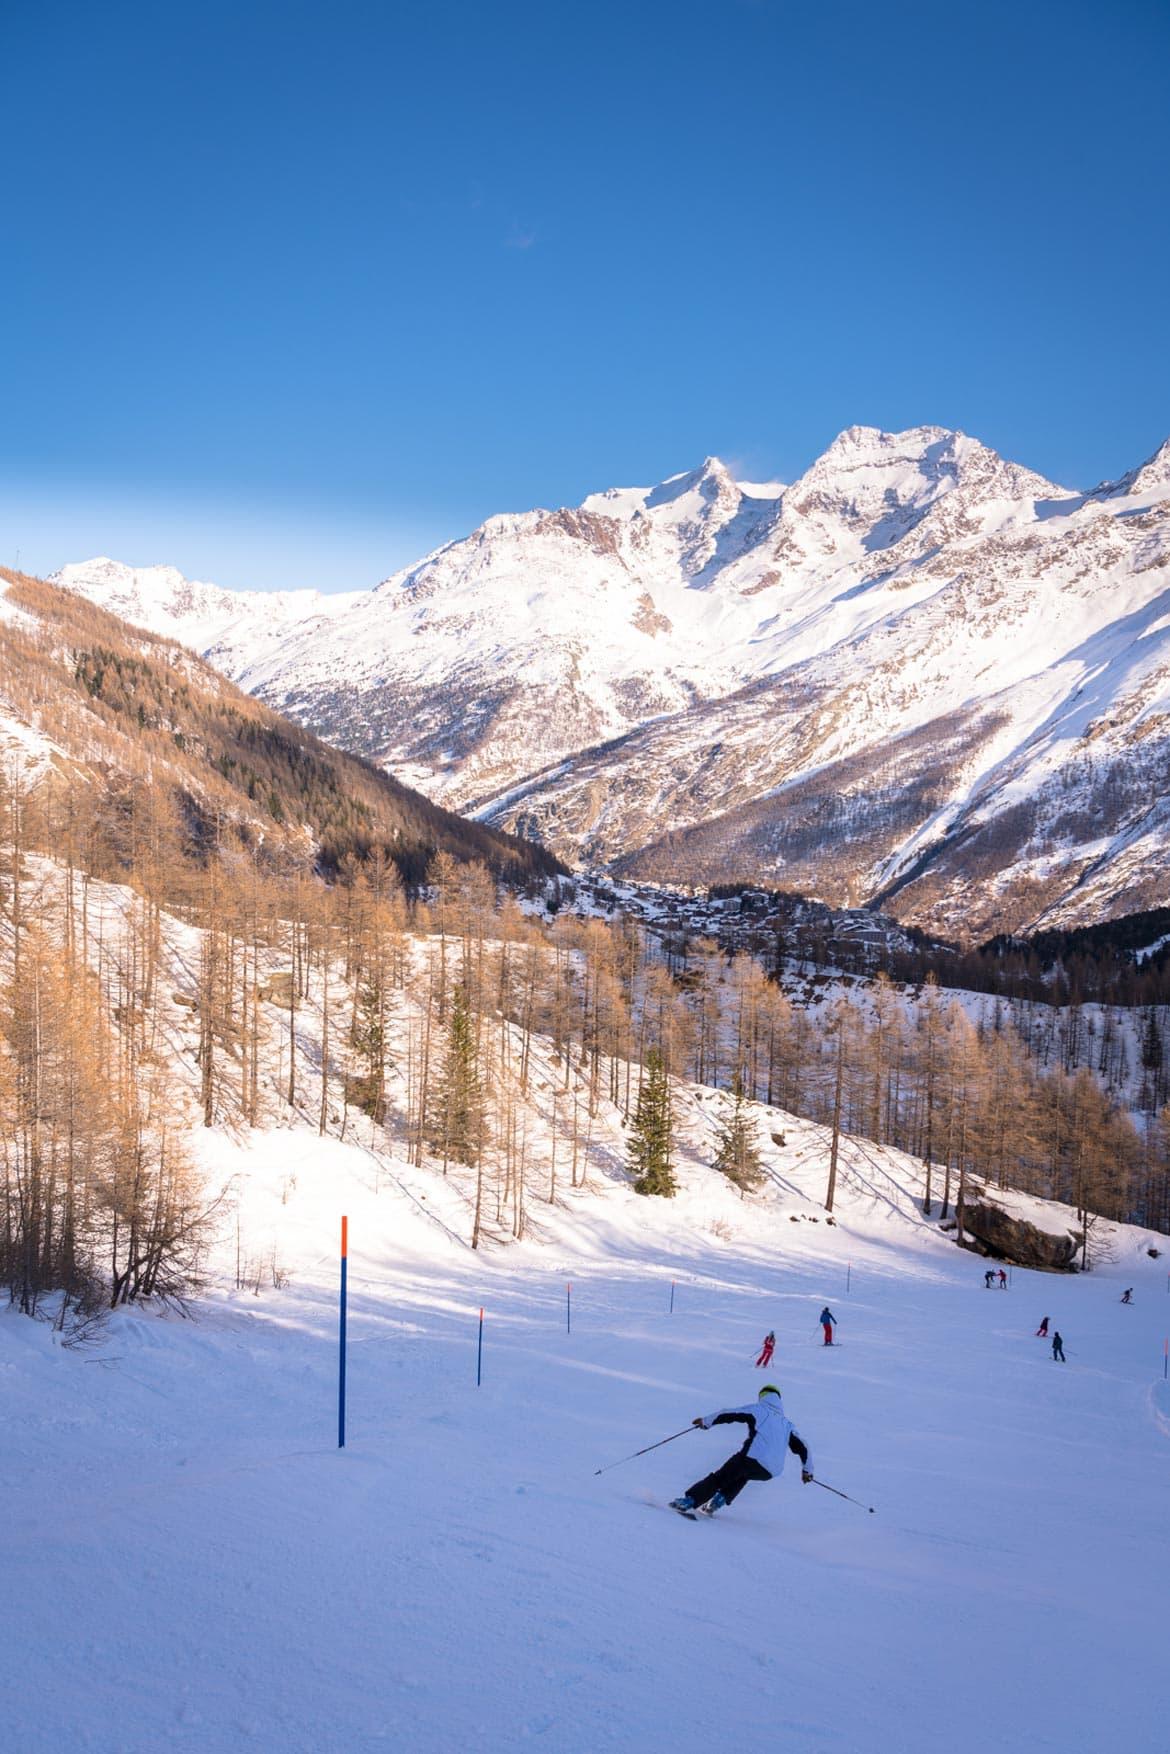 skiing in saas fee